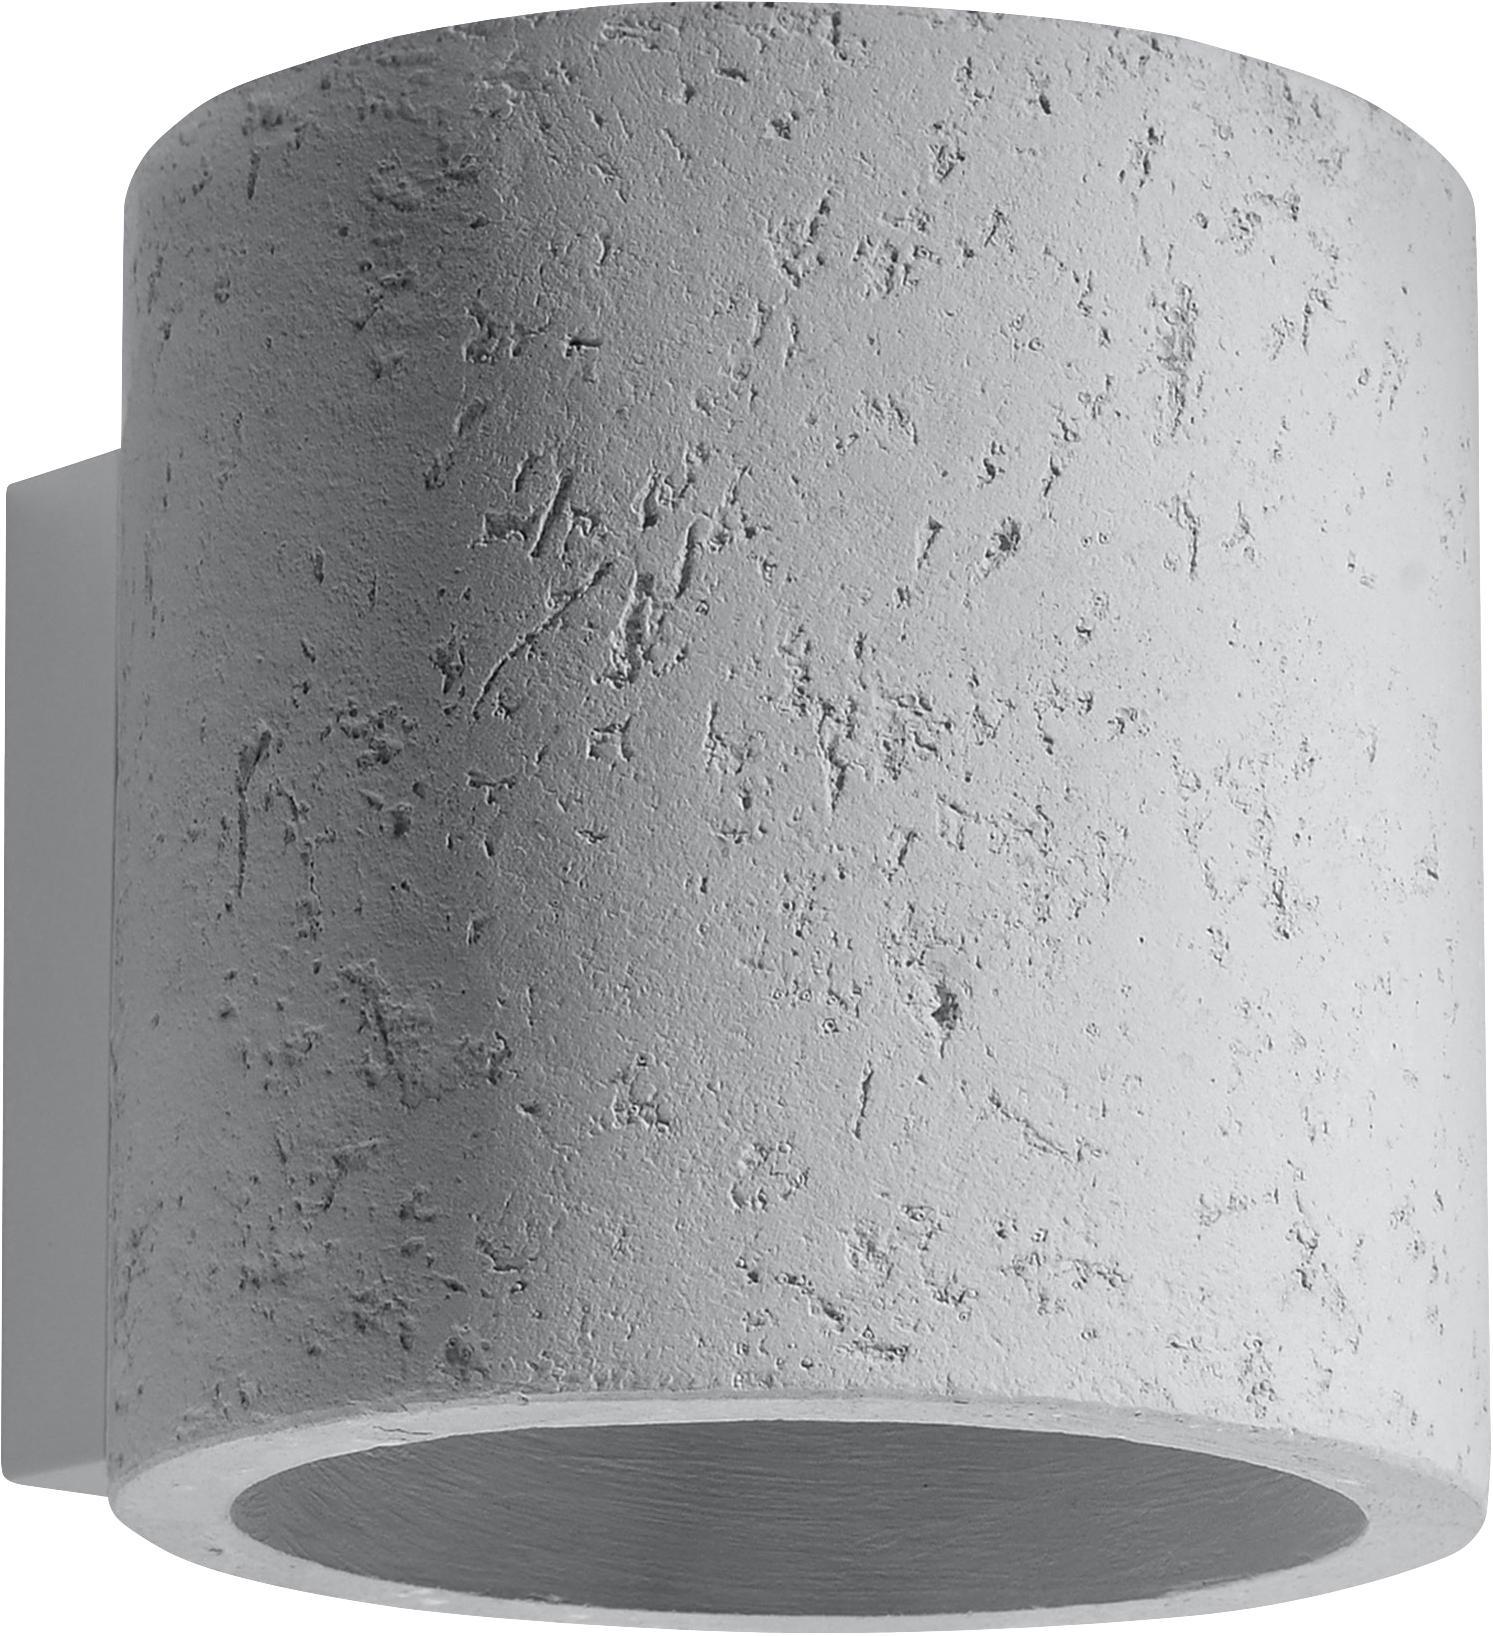 Wandleuchte Roda aus Beton, Beton, Gebrochenes Weiß, Ø 10 x H 12 cm